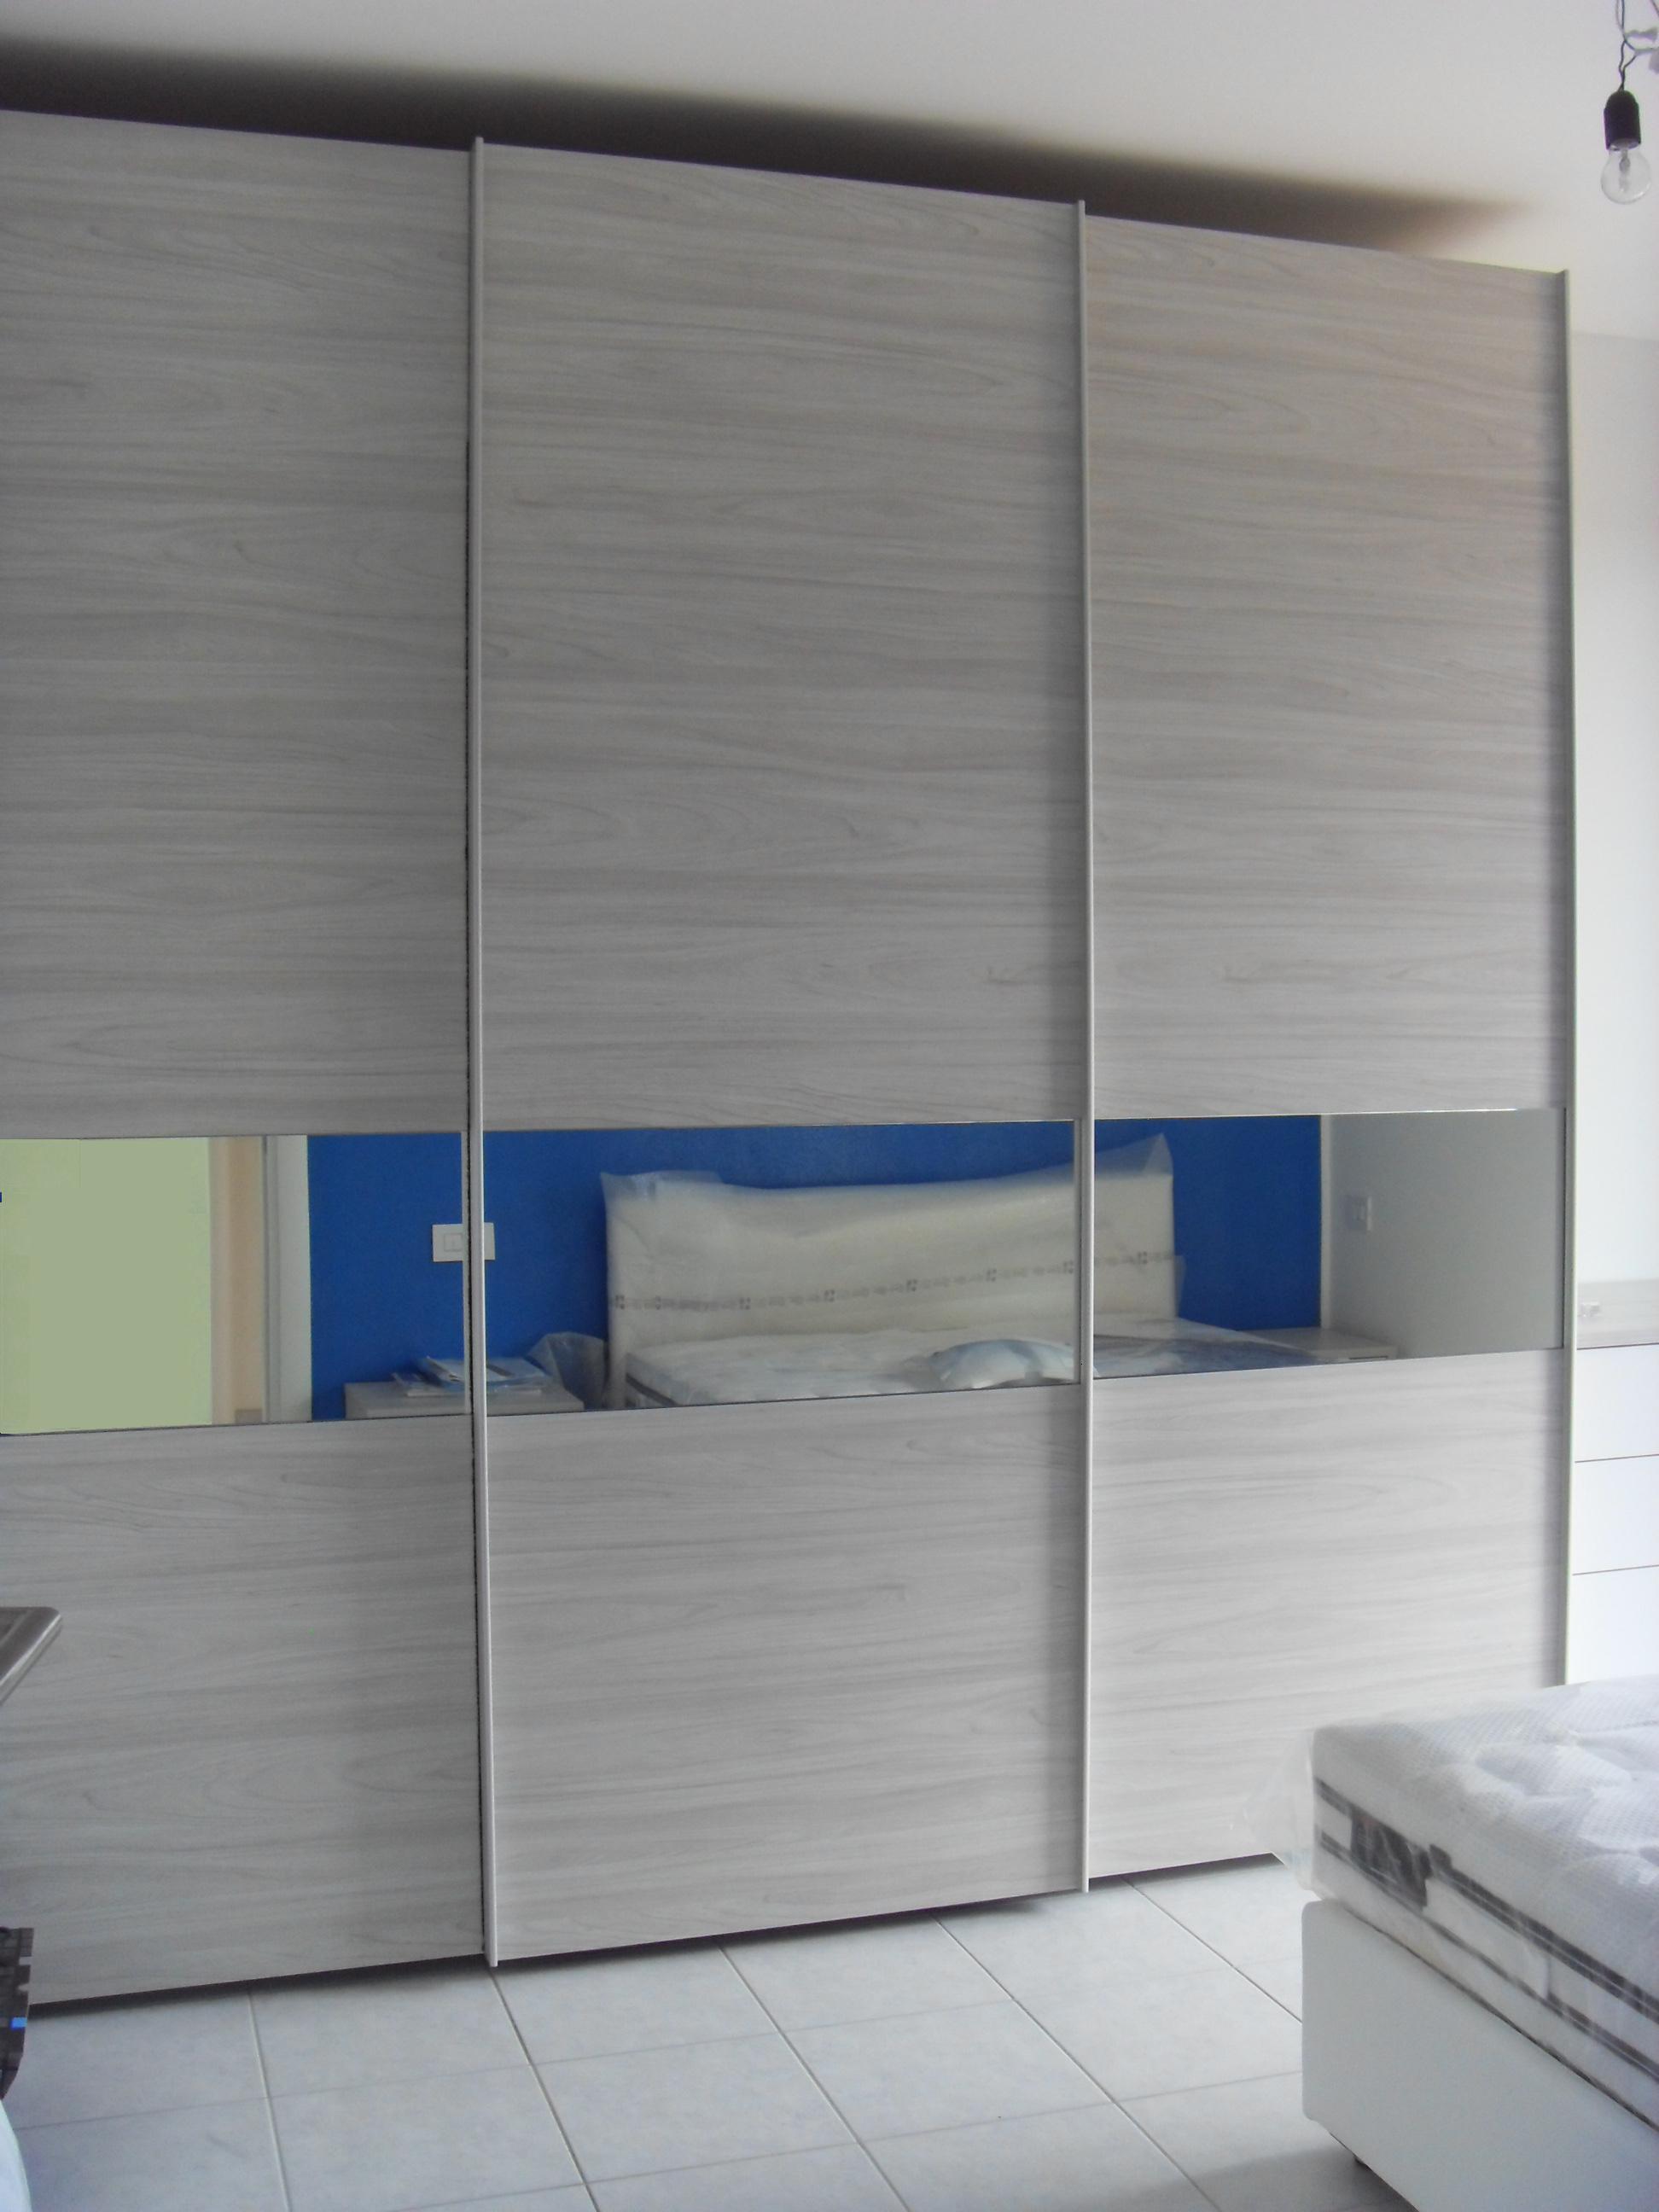 Produzione camere da letto brianza sde arredamenti for Mb arredamenti camere da letto